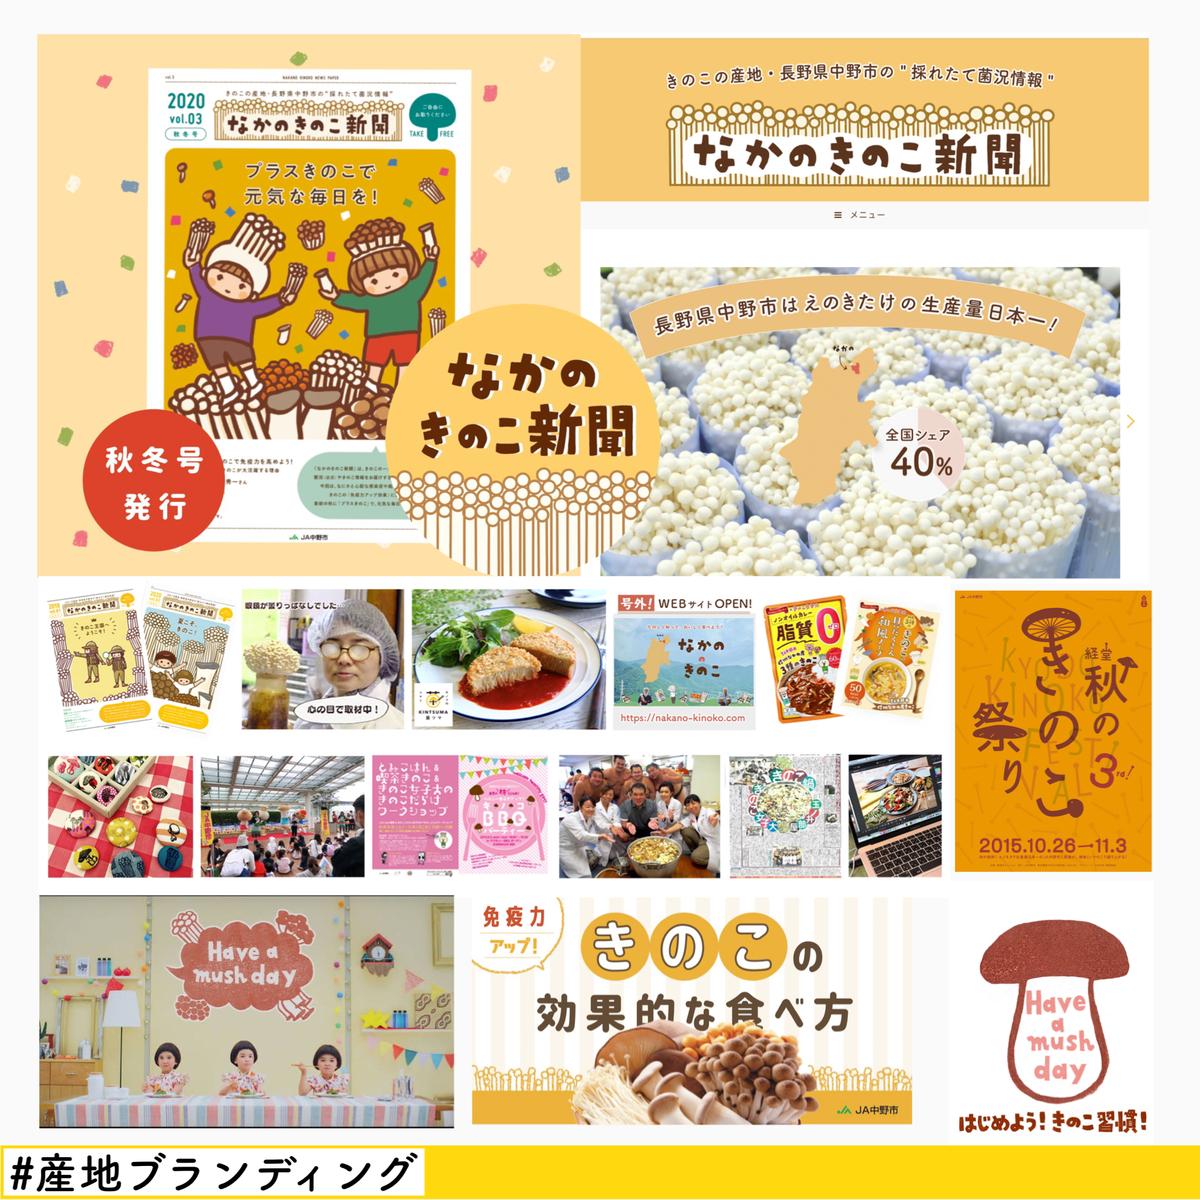 f:id:yasuyuki_yamaguchi:20210121065336j:plain